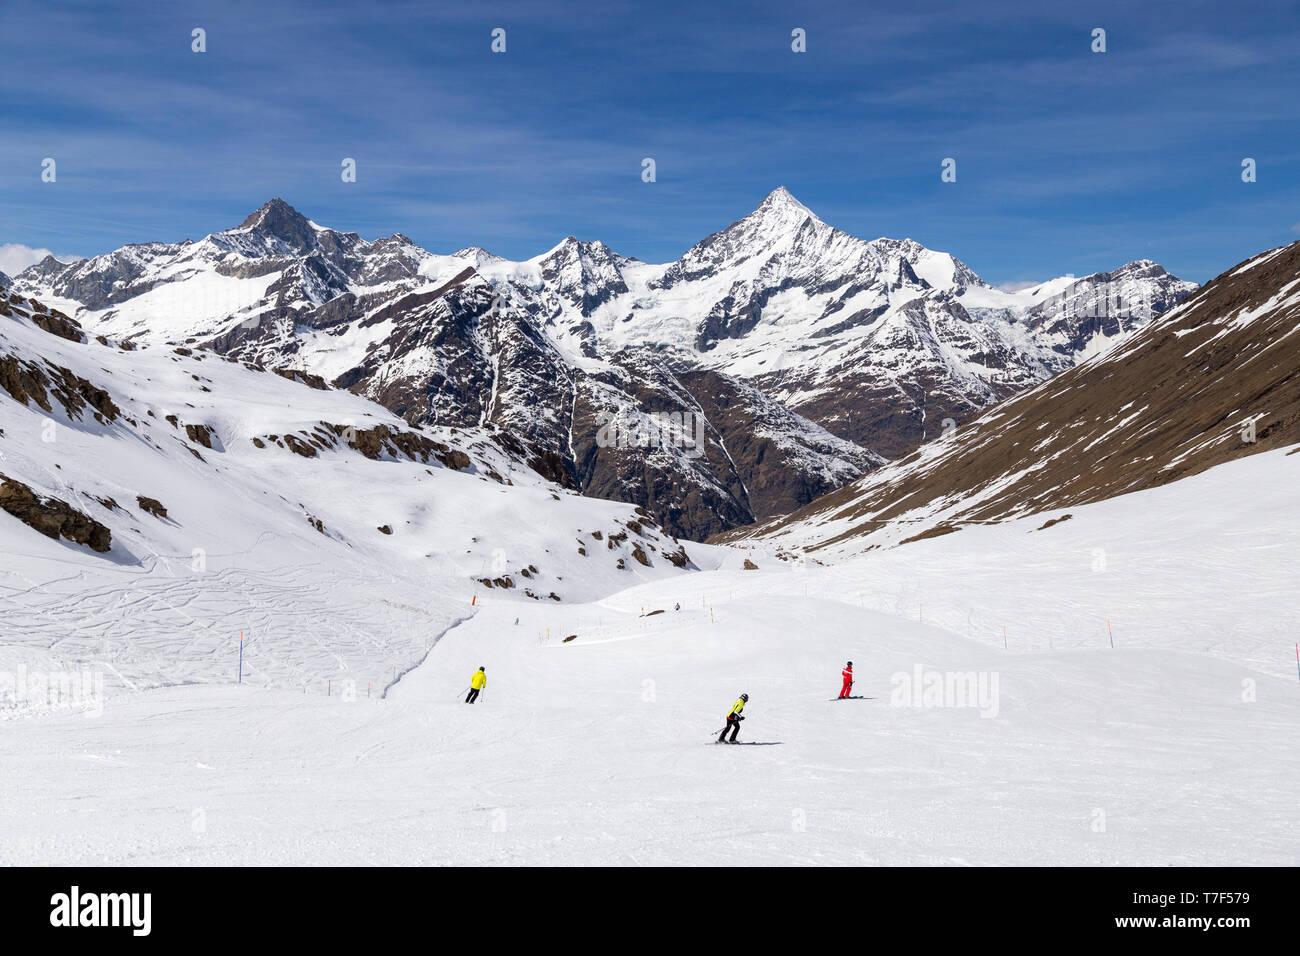 Matterhorn Skiing Area - Stock Image